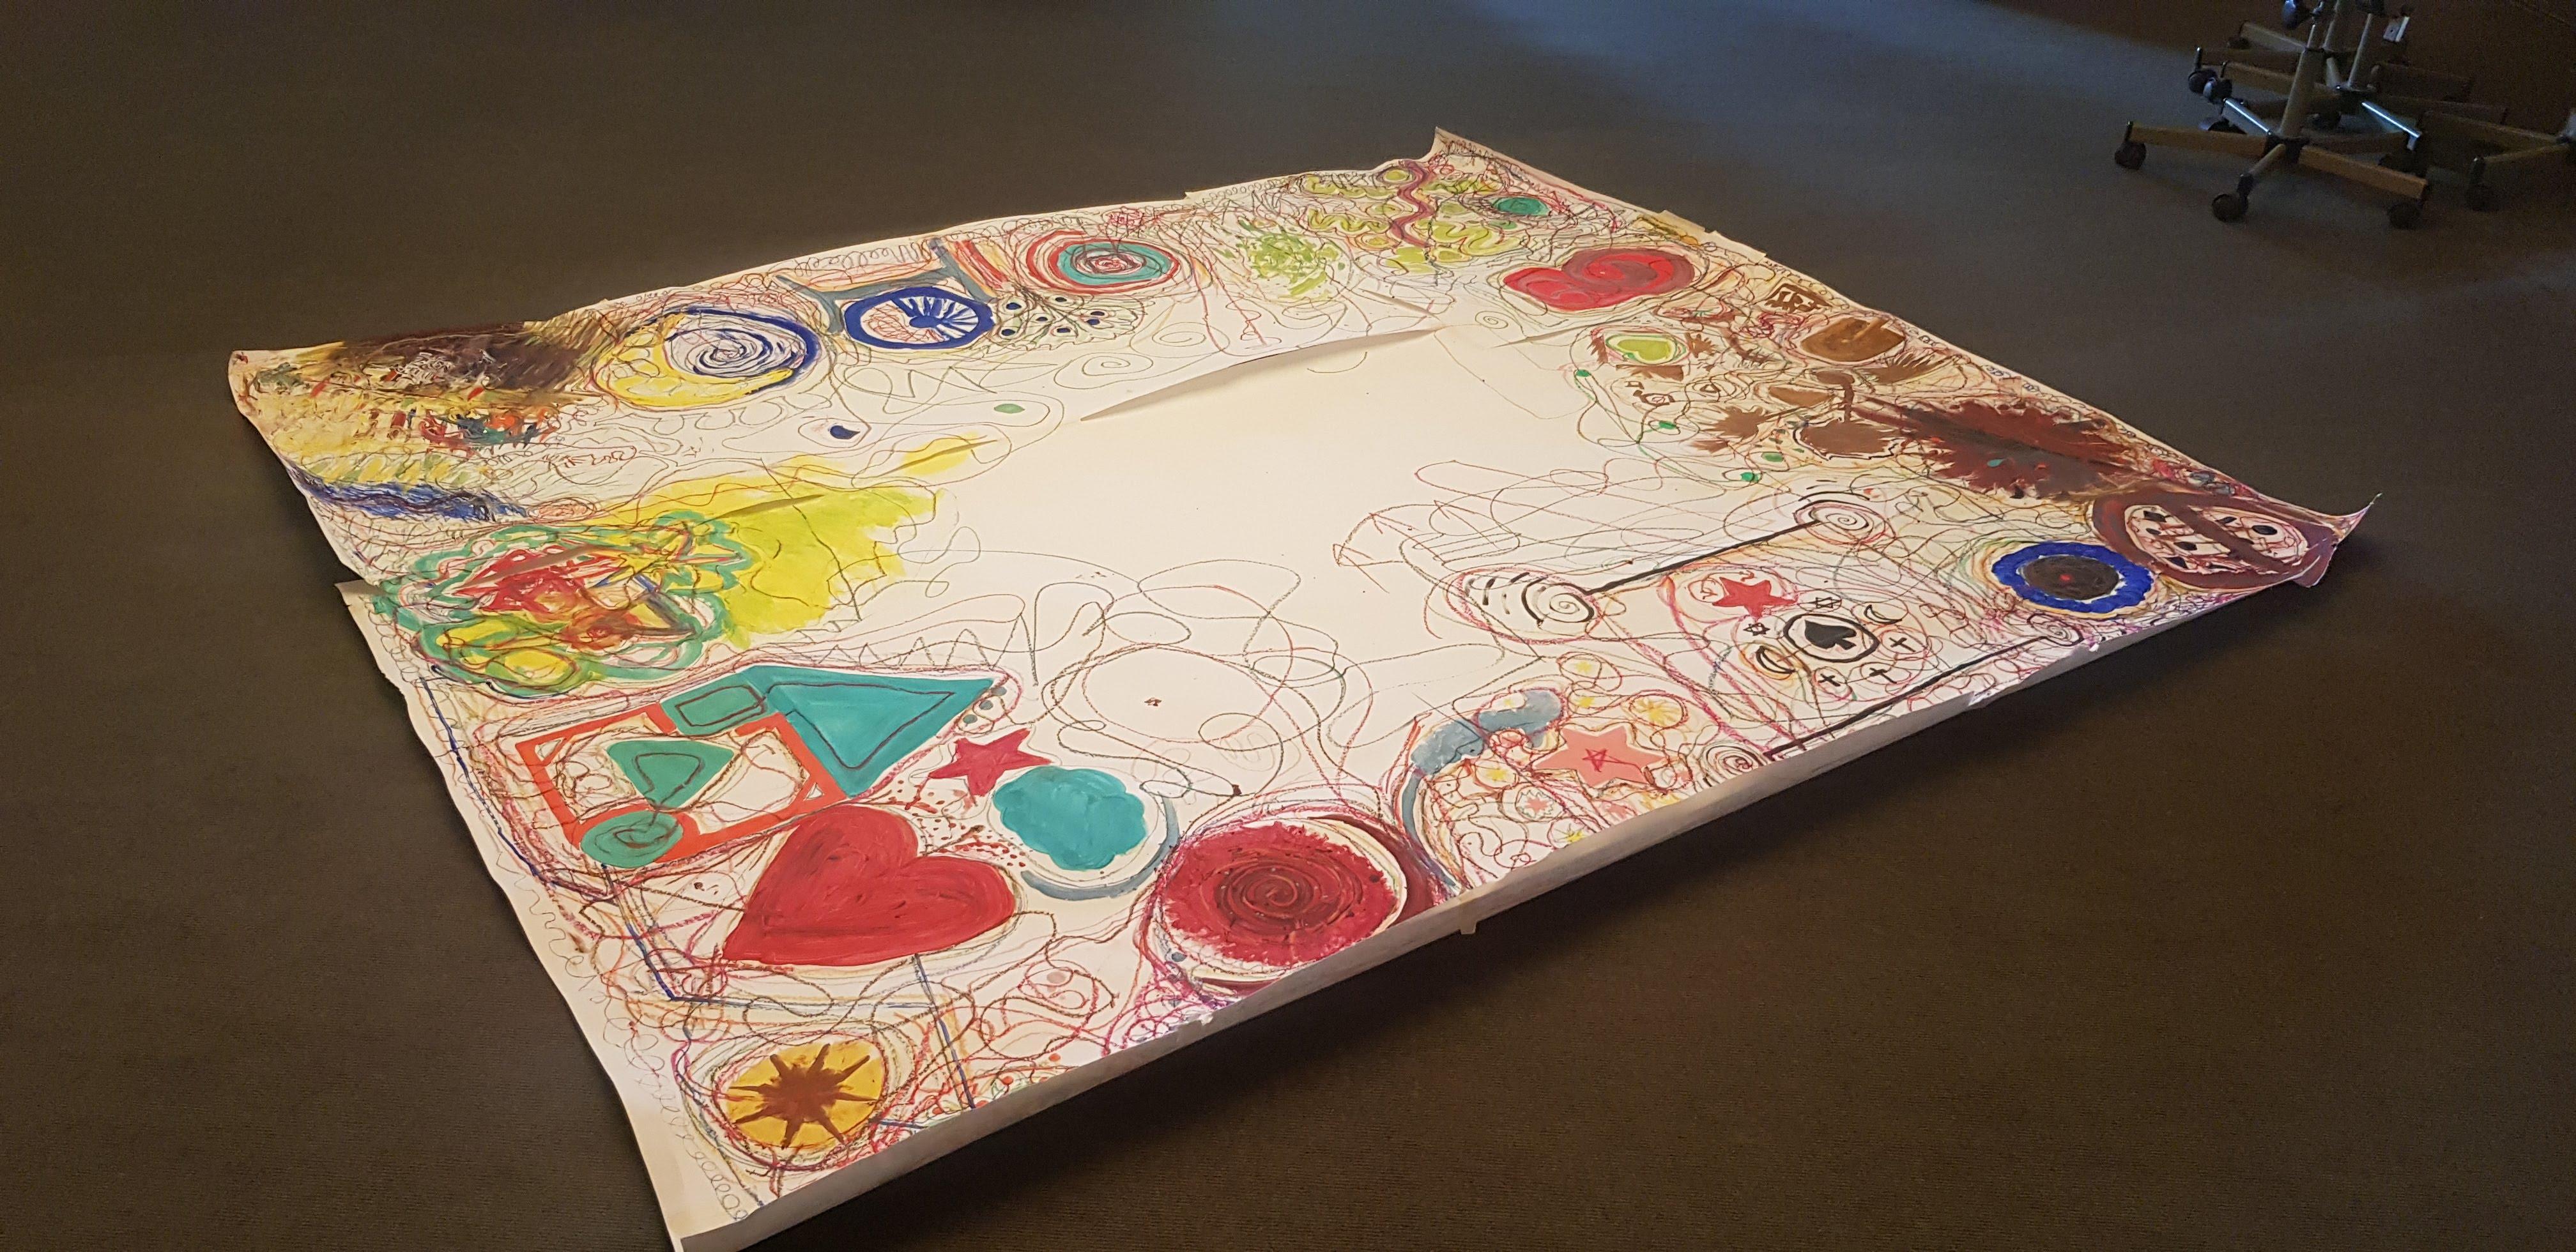 Ein großes buntes gemaltes Bild von einer Gruppe gemalt im Kunsttherapeutischen Workshop